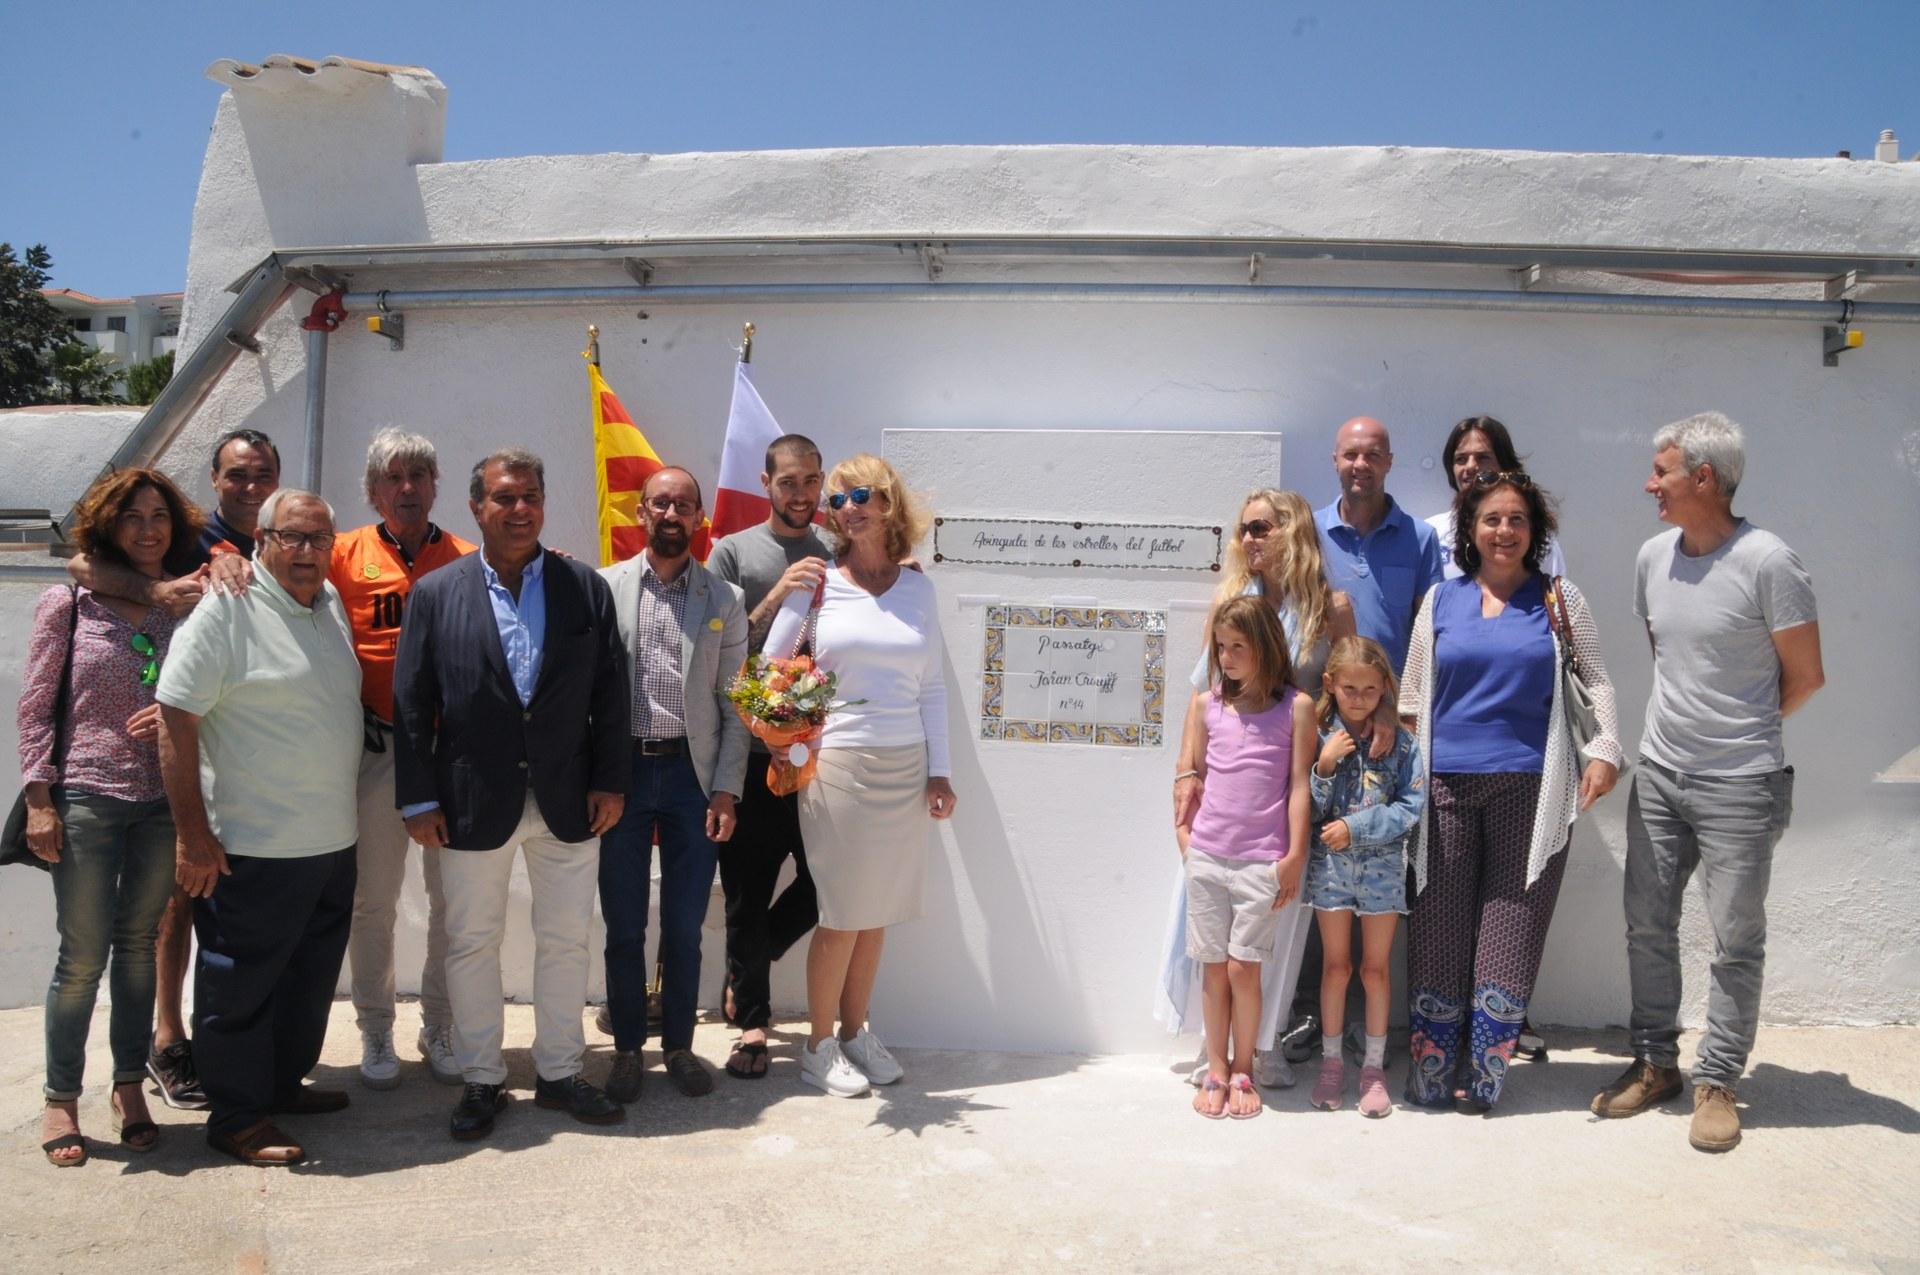 Sitges homenatja a Johan Cruyff amb una placa al Camp Municipal d'Aiguadolç